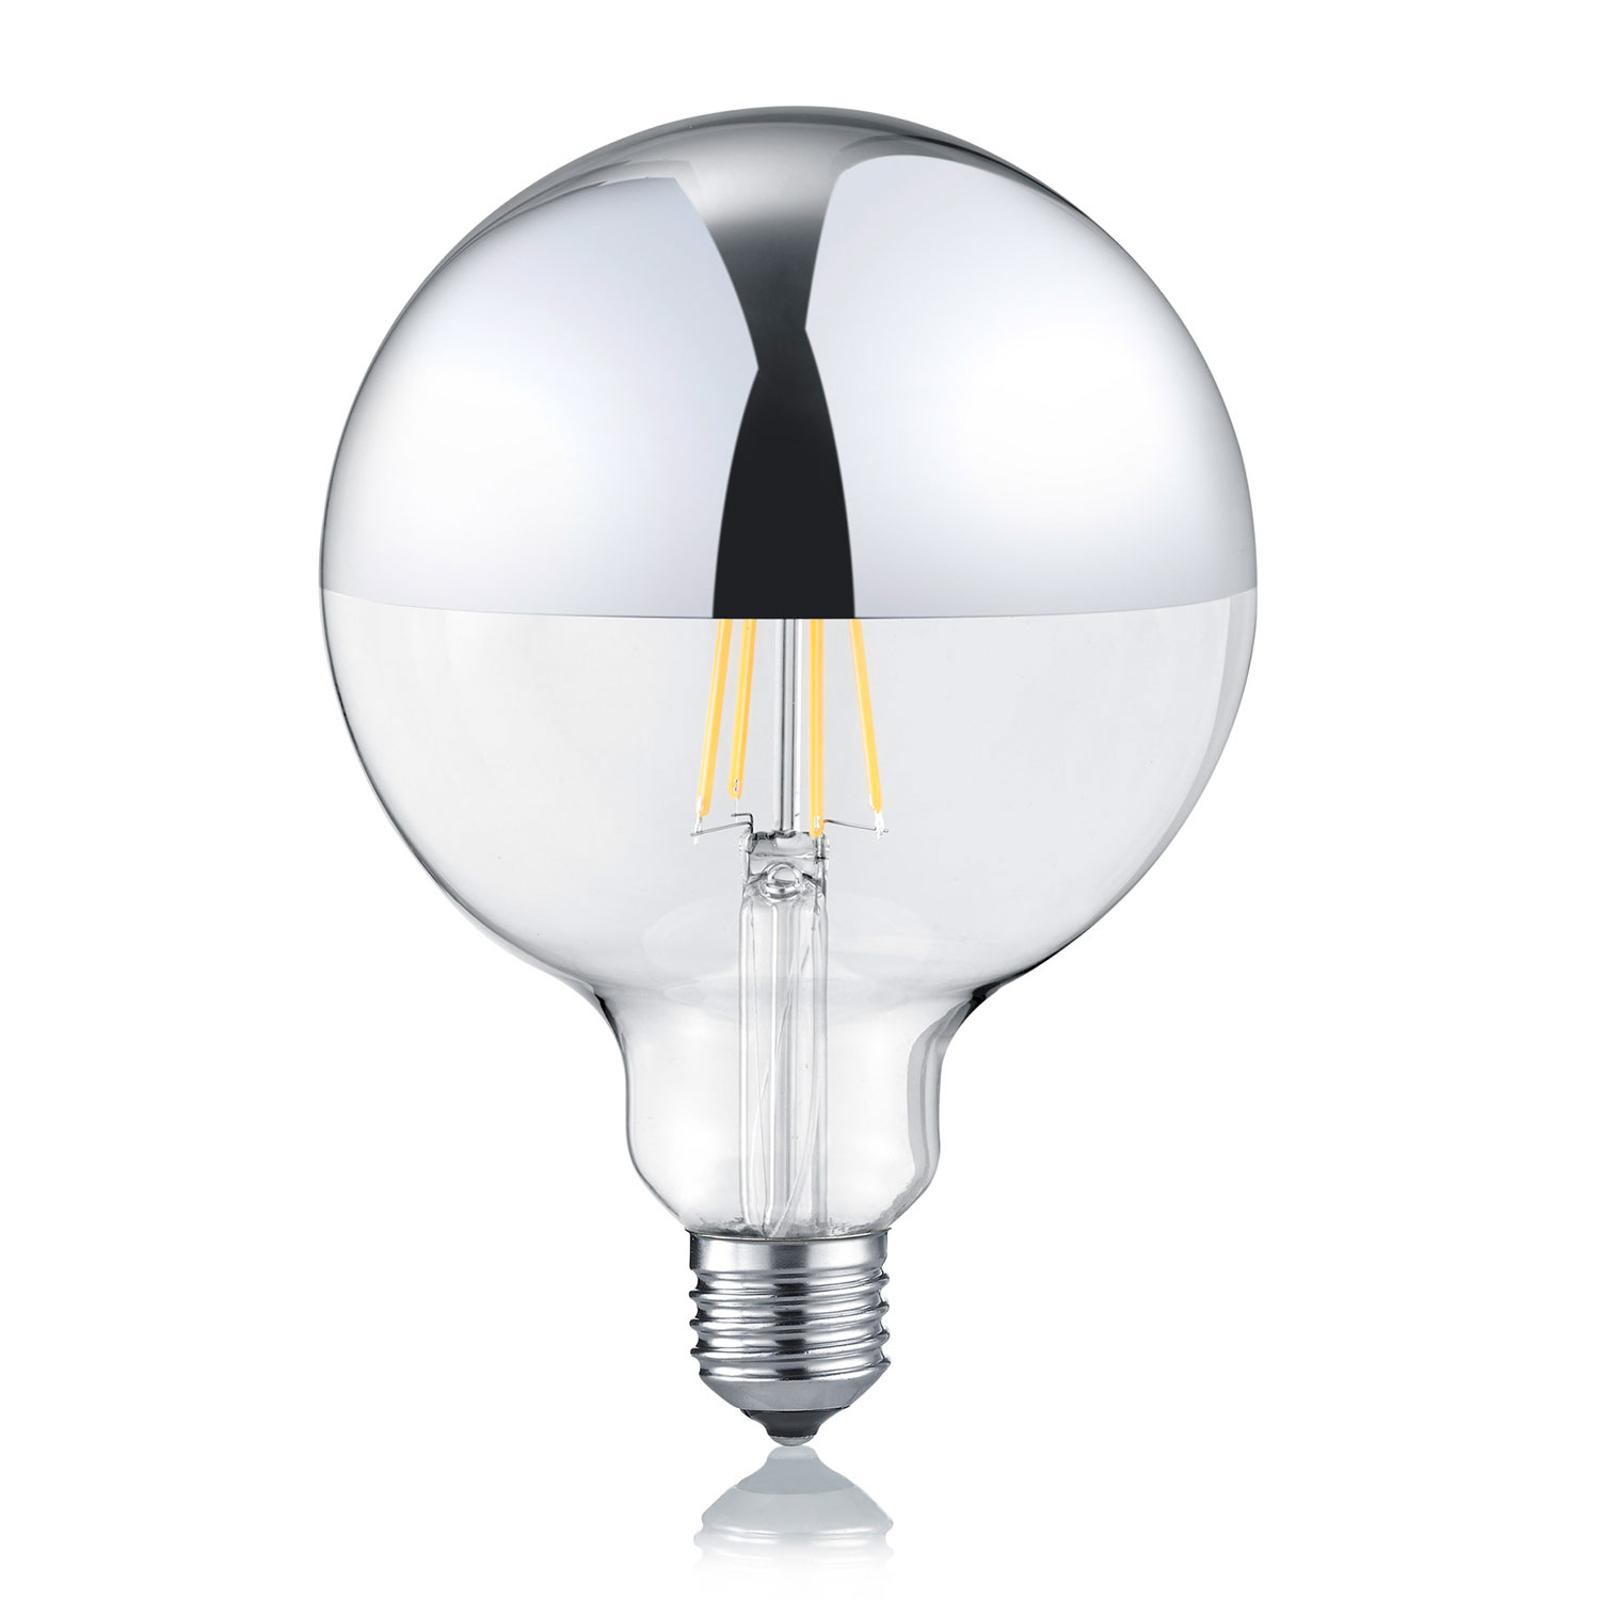 LED-pære E27 G125 7W 2700K, dimbar, toppspeilet